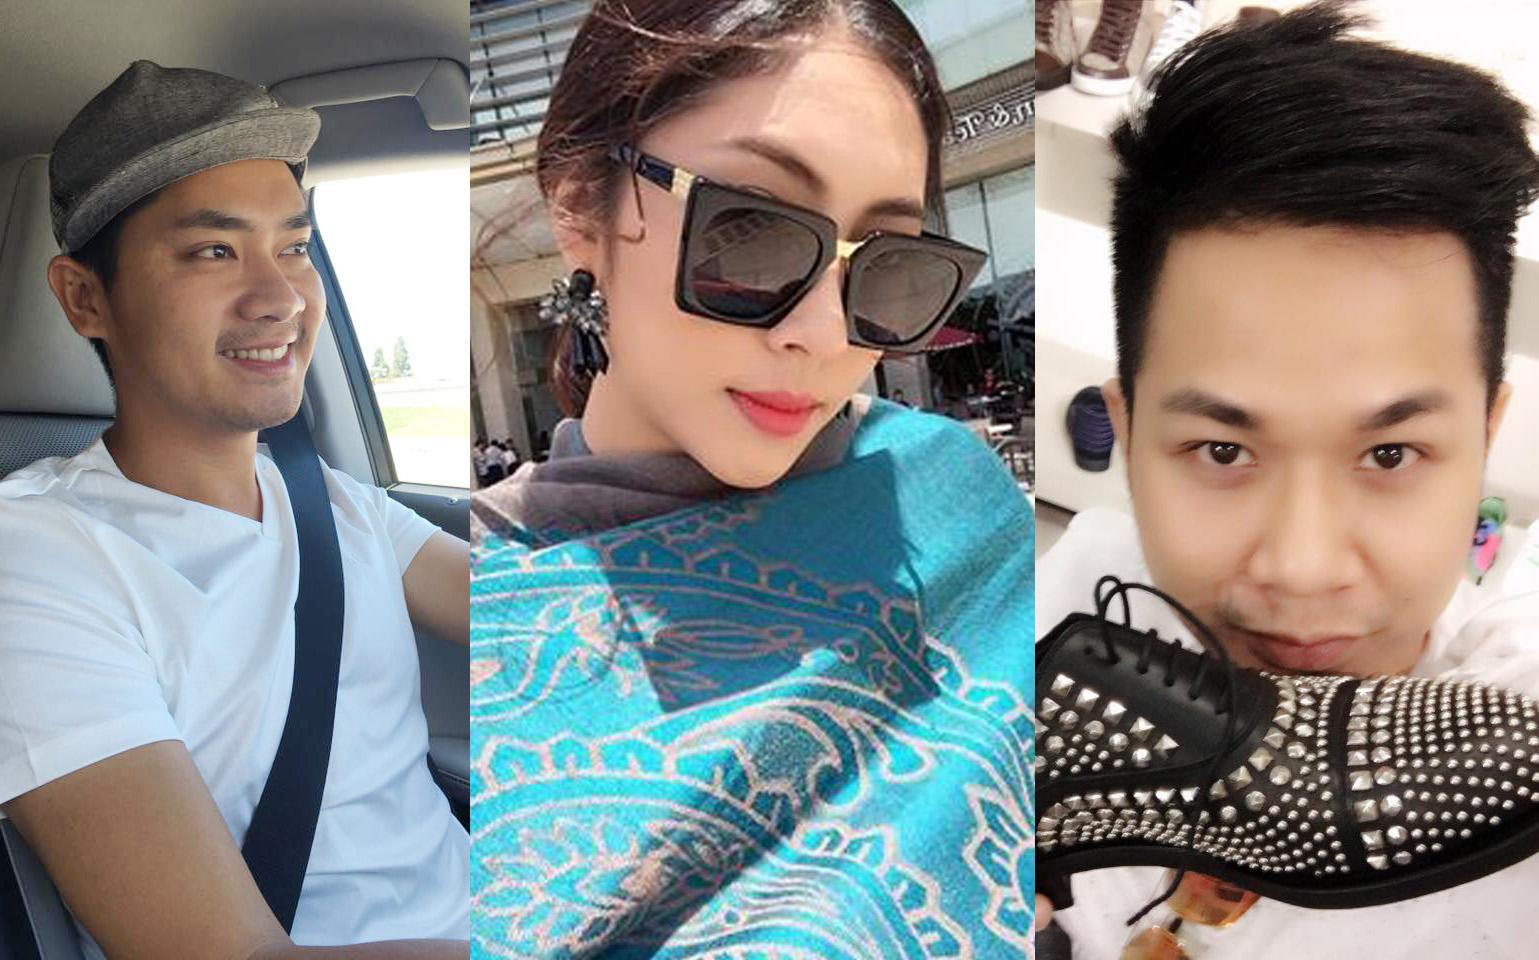 Ảnh đời thường của sao Việt qua Facebook ngày 12-8